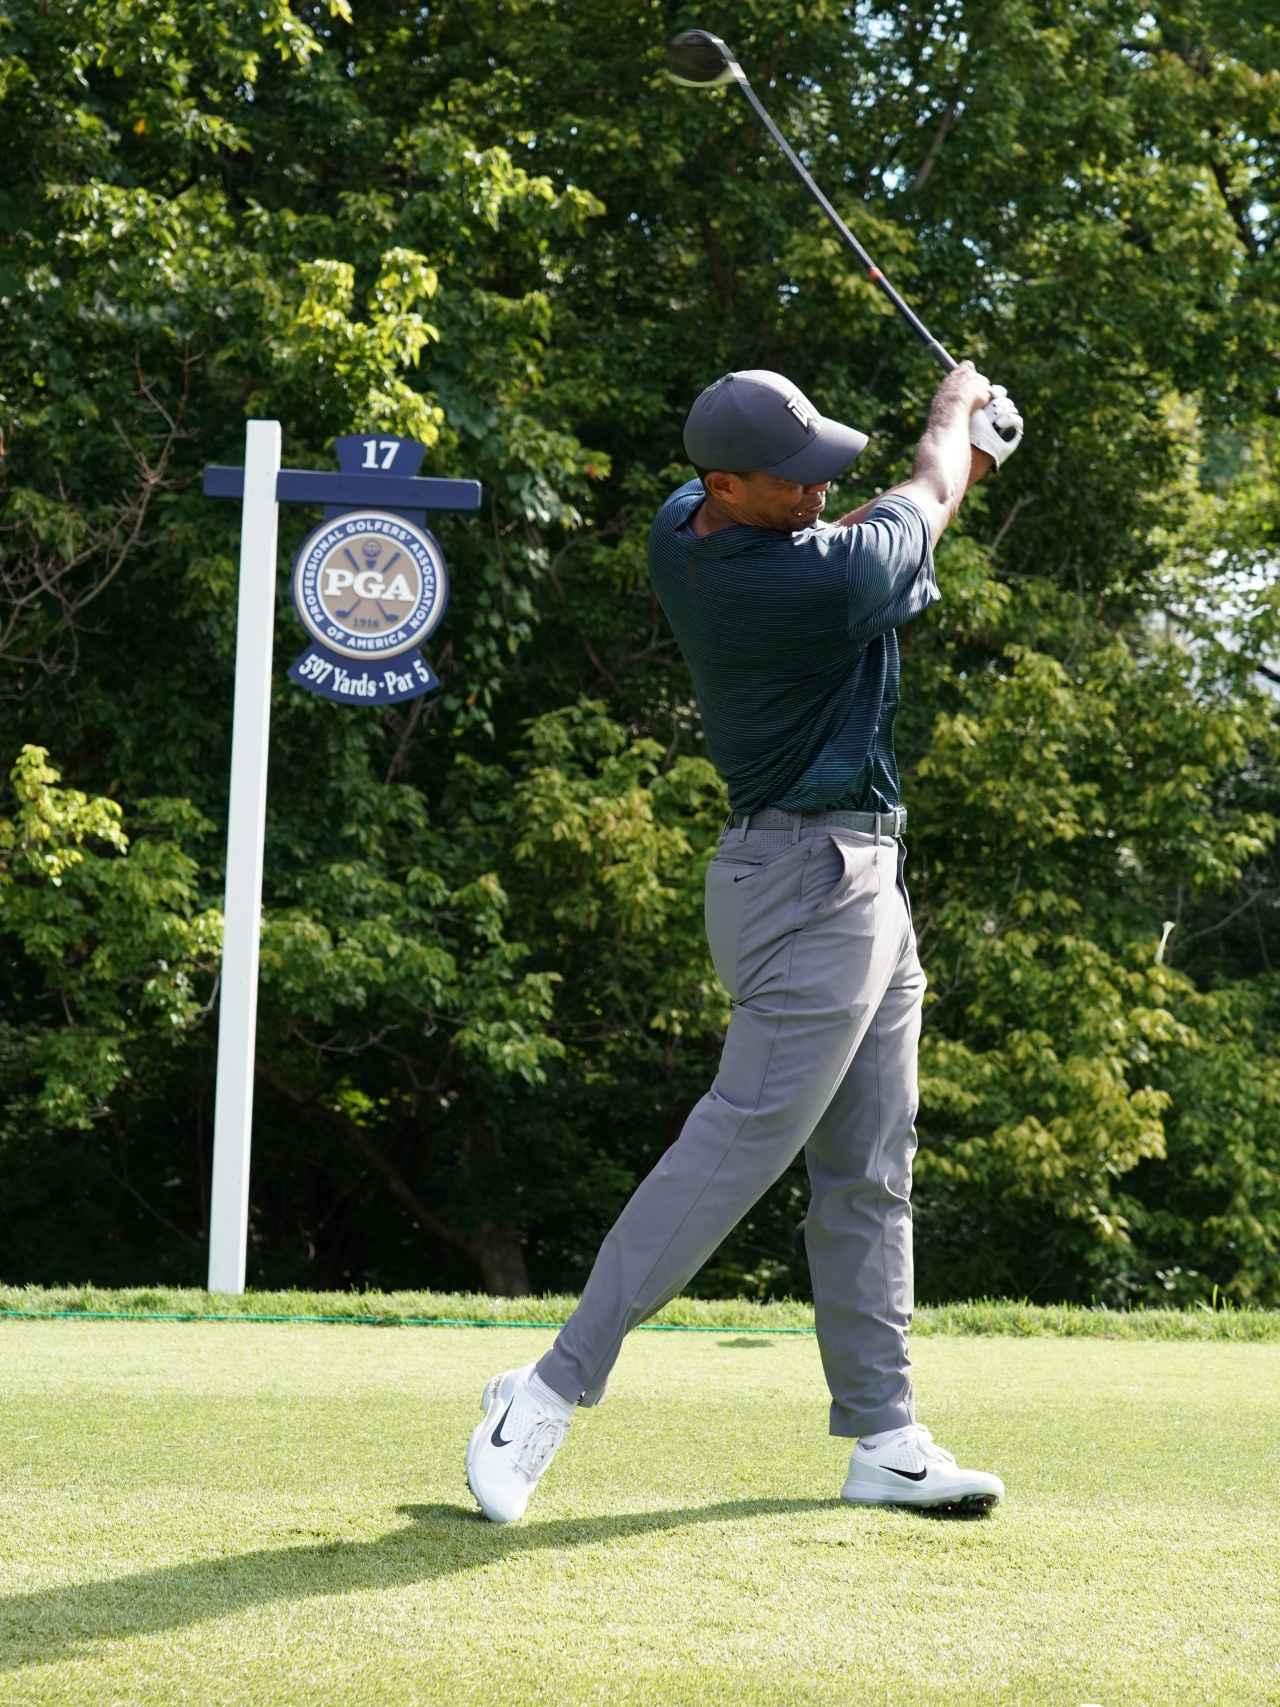 画像7: 【ドライバー】目指せ、タイガーみたいなカッコいい球。第5弾「ローボール」が打ちたい!